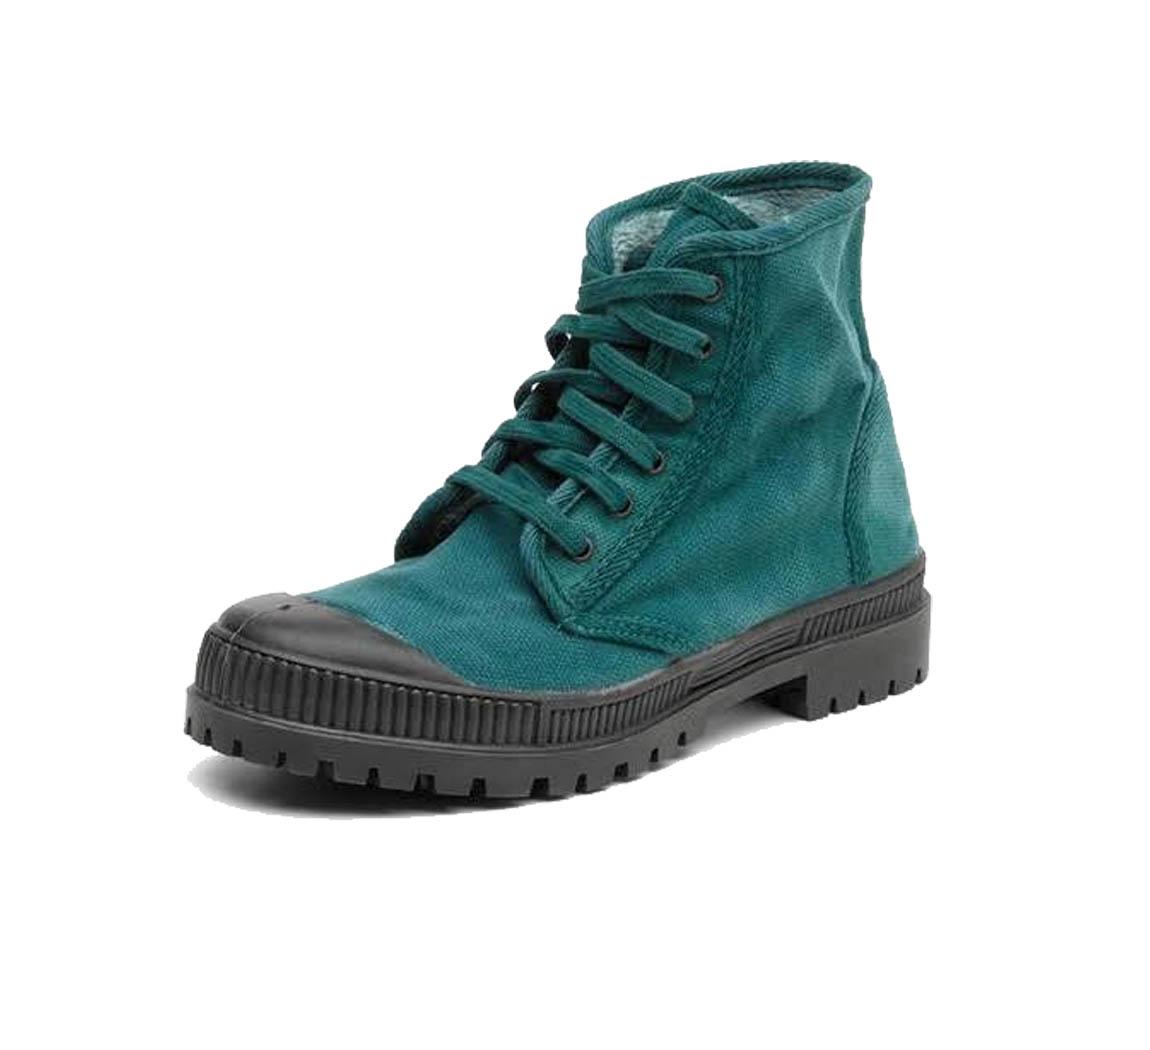 Chaussure femme Bota Tintado Enz